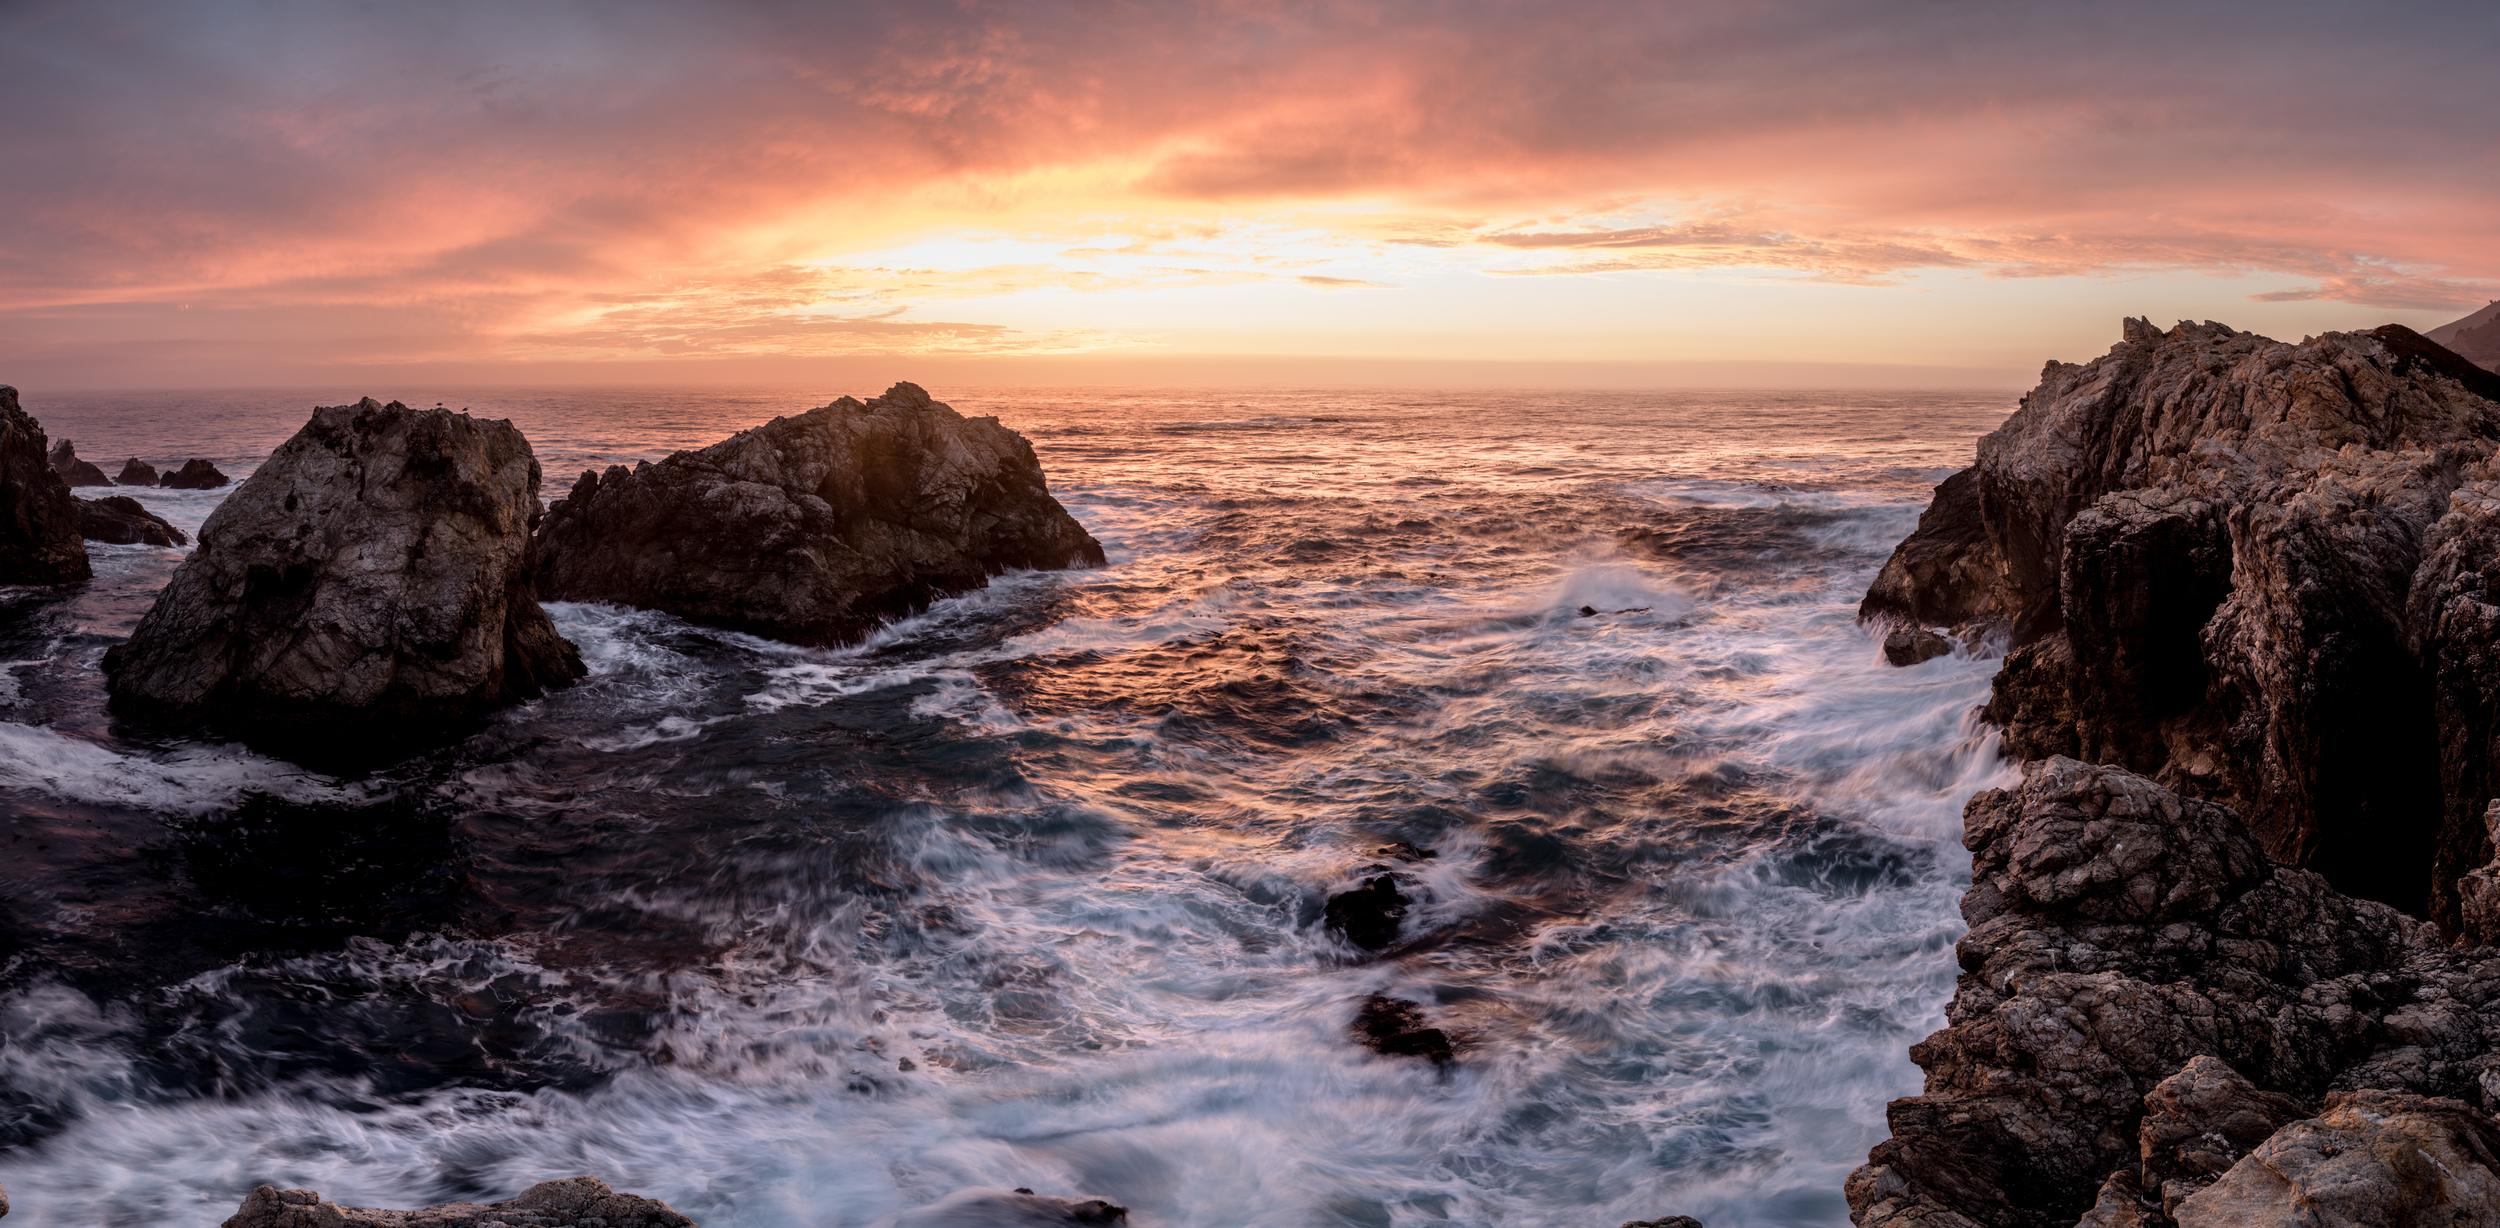 Monterey-8018-Pano.jpg